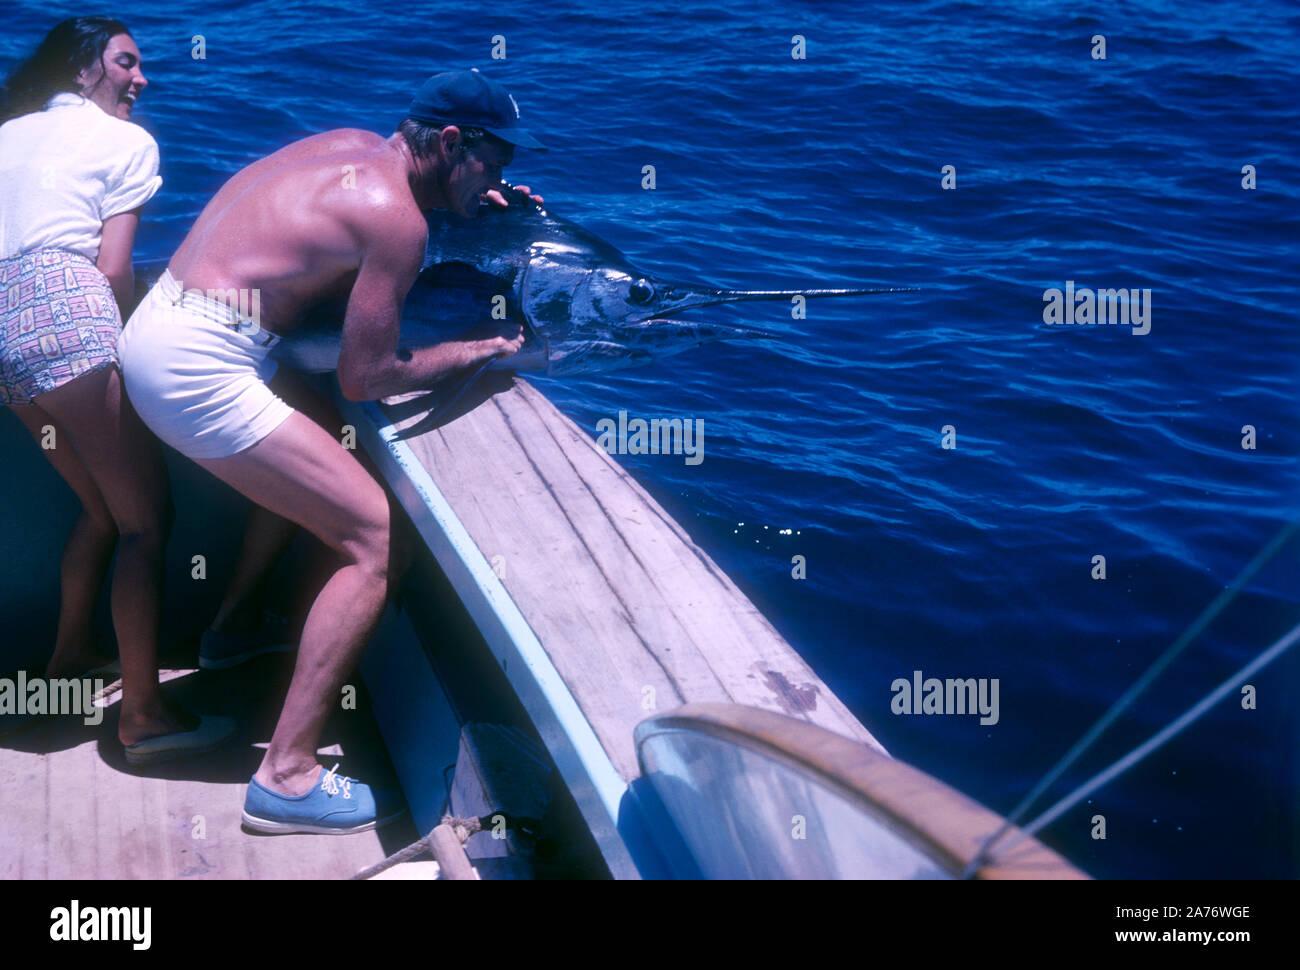 BAJA CALIFORNIA, MÉXICO - JUNIO DE 1962: el actor y ex jugador de béisbol Chuck Connors (1921-1992) y la actriz prometido Kamala Devi (1934-2010) tirar un marlin en el barco mientras estaba en un viaje de pesca alrededor de junio de 1962, en Baja California, México. (Foto por Hy Peskin) (número de registro: X8569) Foto de stock